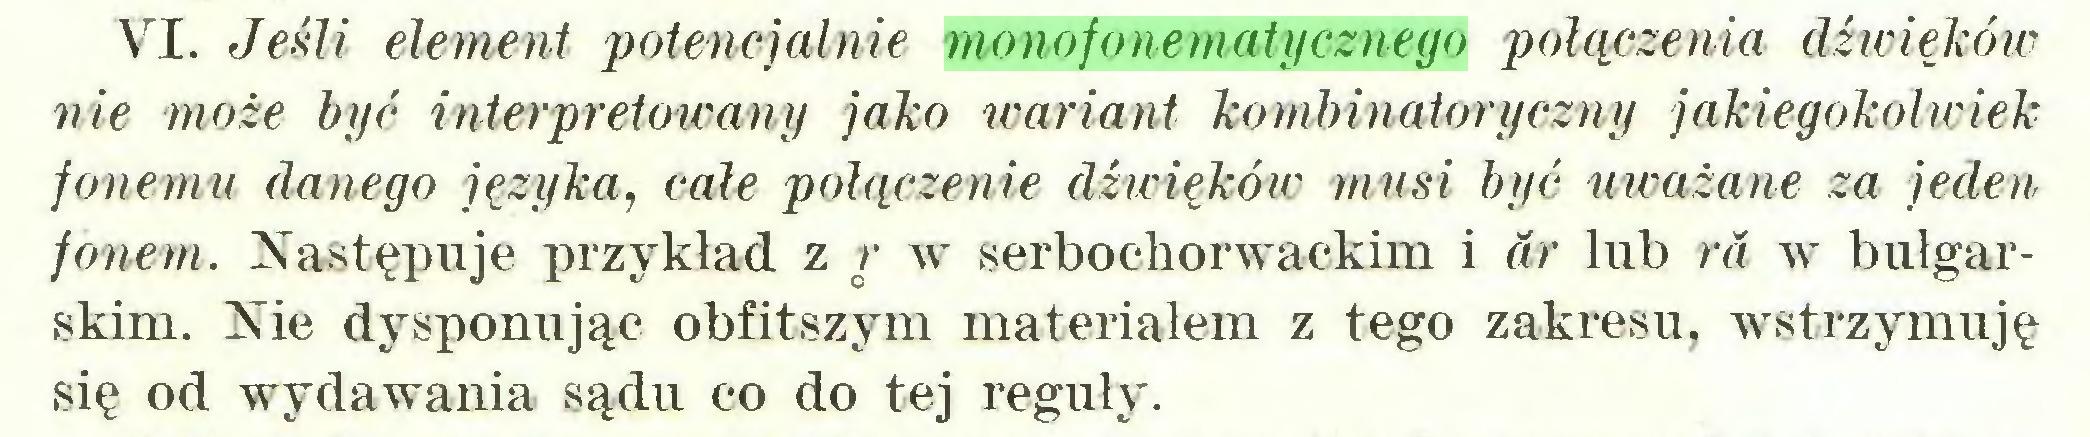 (...) VI. Jeśli element potencjalnie monofonematycznego połączenia dźwięków nie może być interpretowany jako wariant kombinatoryczny jakiegokolwiek fonemu danego języka, całe połączenie dźwięków musi być uważane za jeden fonem. Następuje przykład z r w serbochorwackim i dr lub ra w bułgarskim. Nie dysponując obfitszym materiałem z tego zakresu, wstrzymuję się od wydawania sądu co do tej reguły...